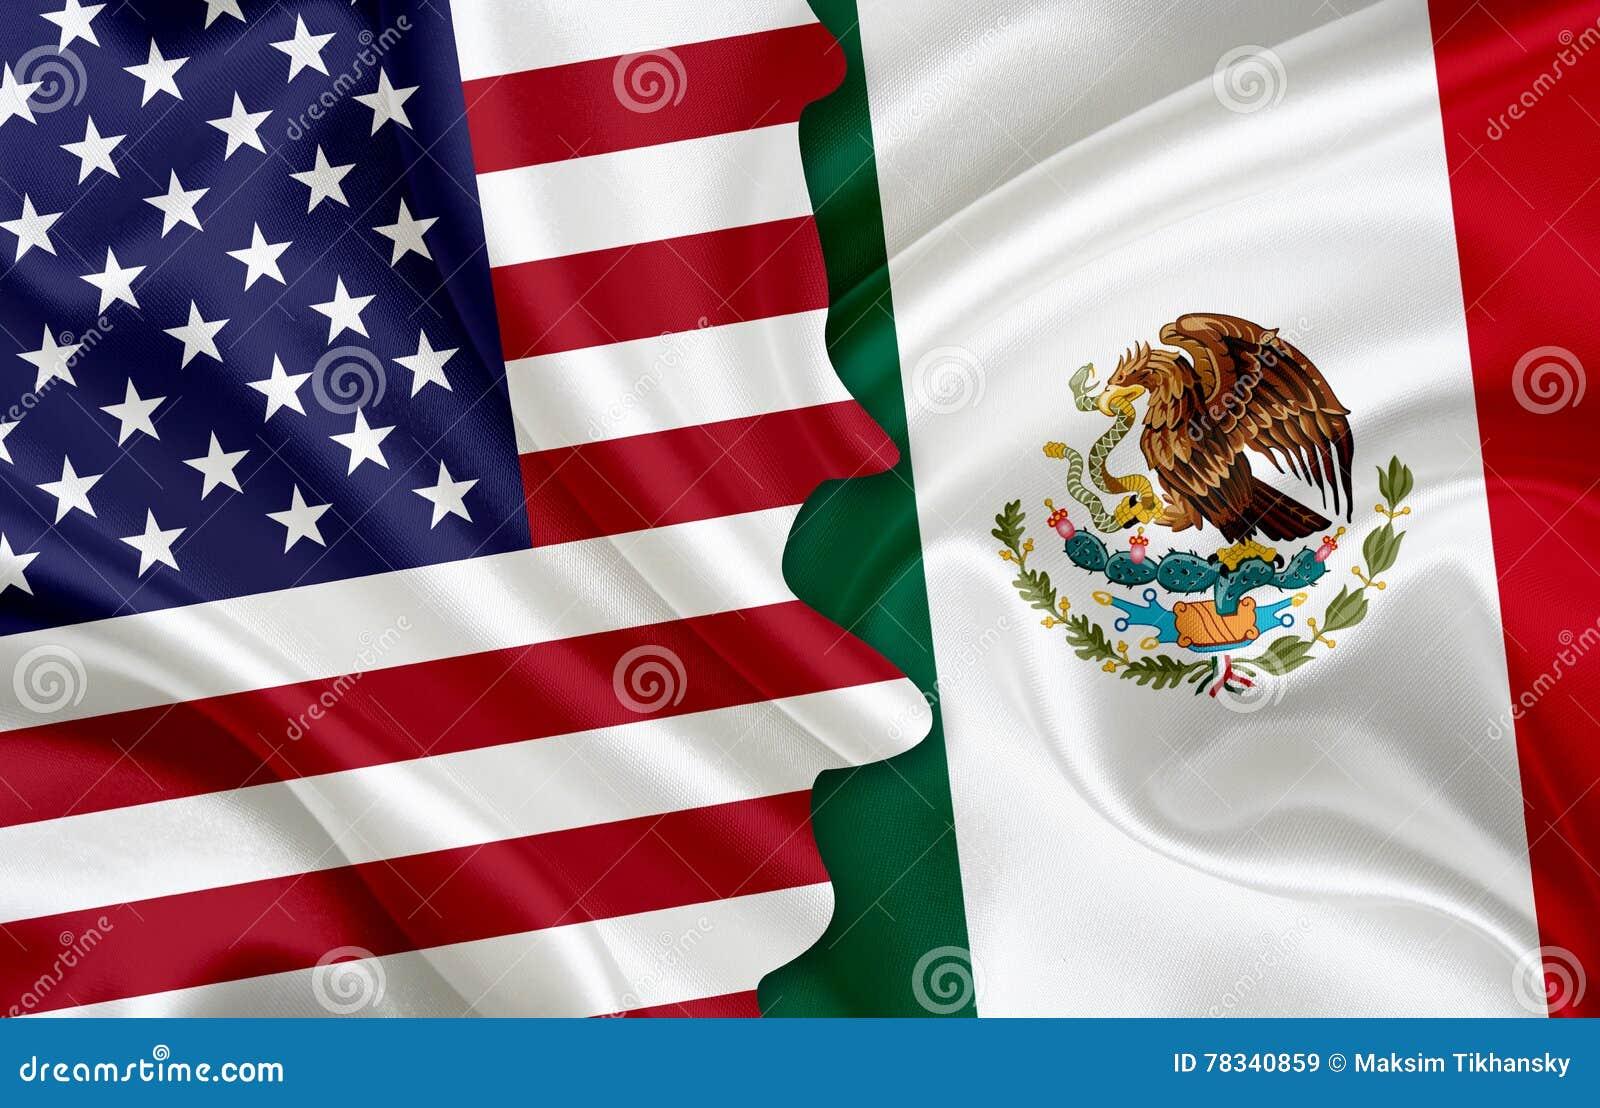 Bandiera di U.S.A. e bandiera del Messico